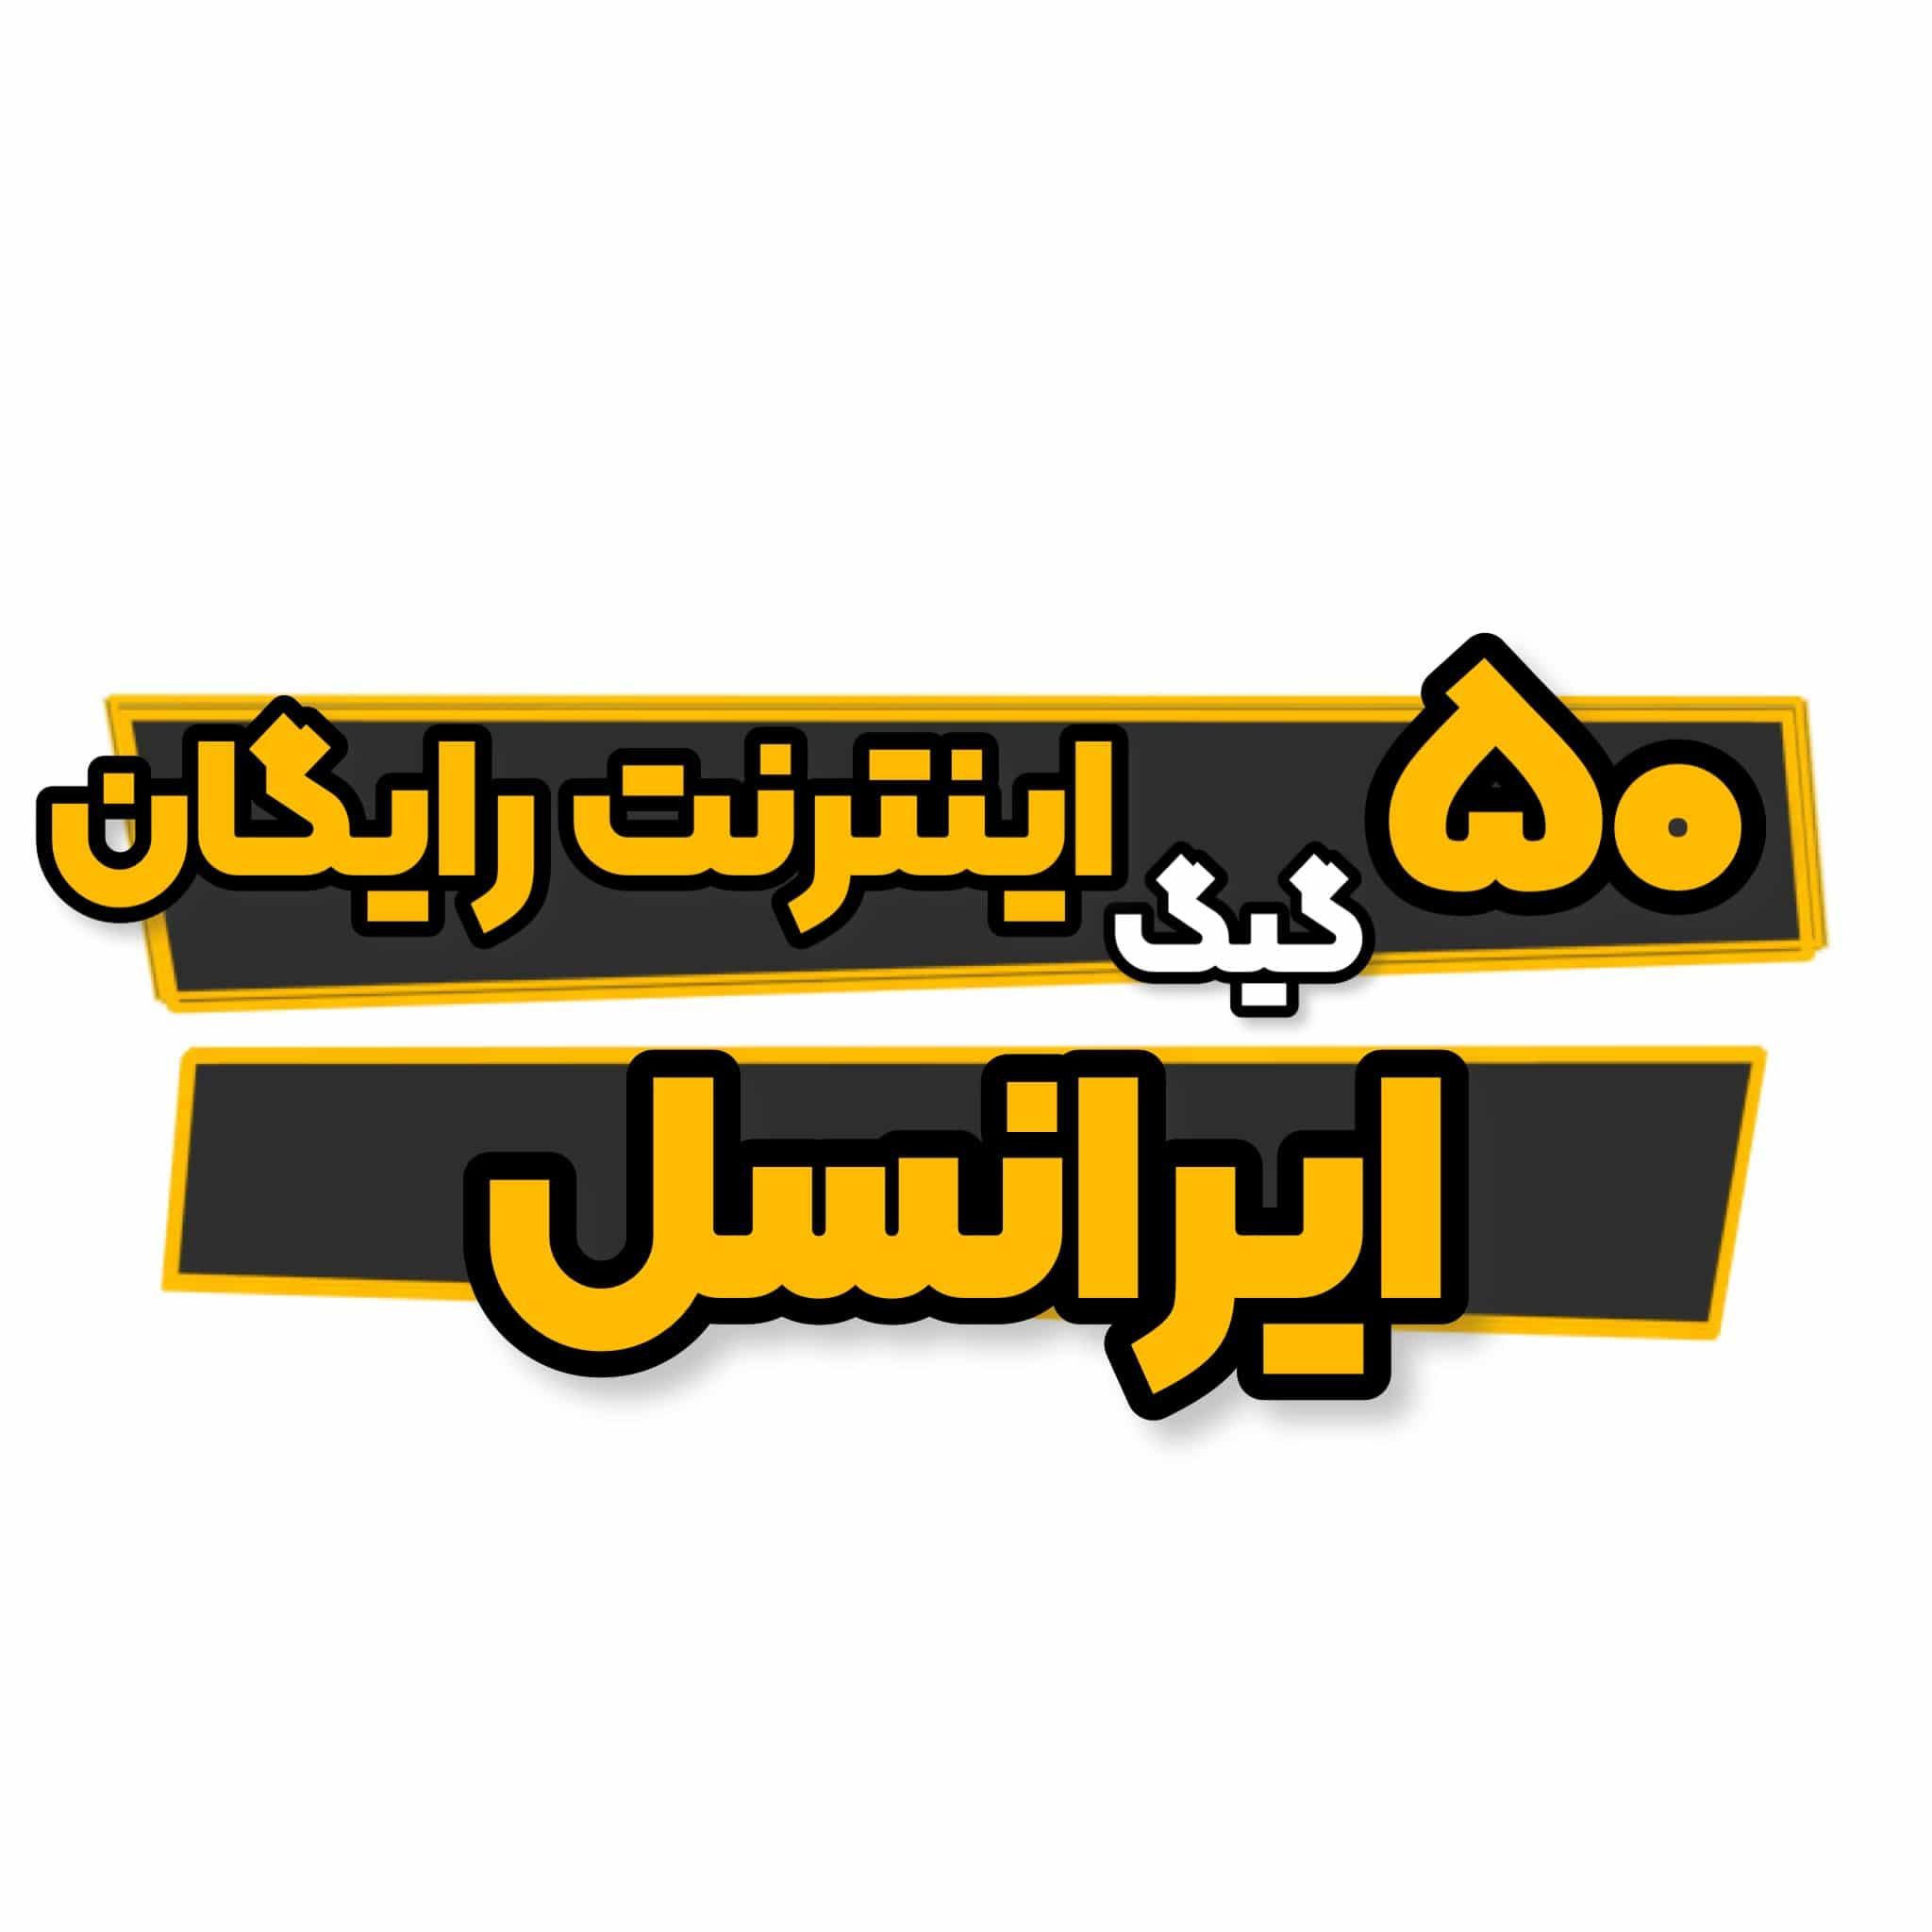 ۵۰ گیگ اینترنت ایرانسل